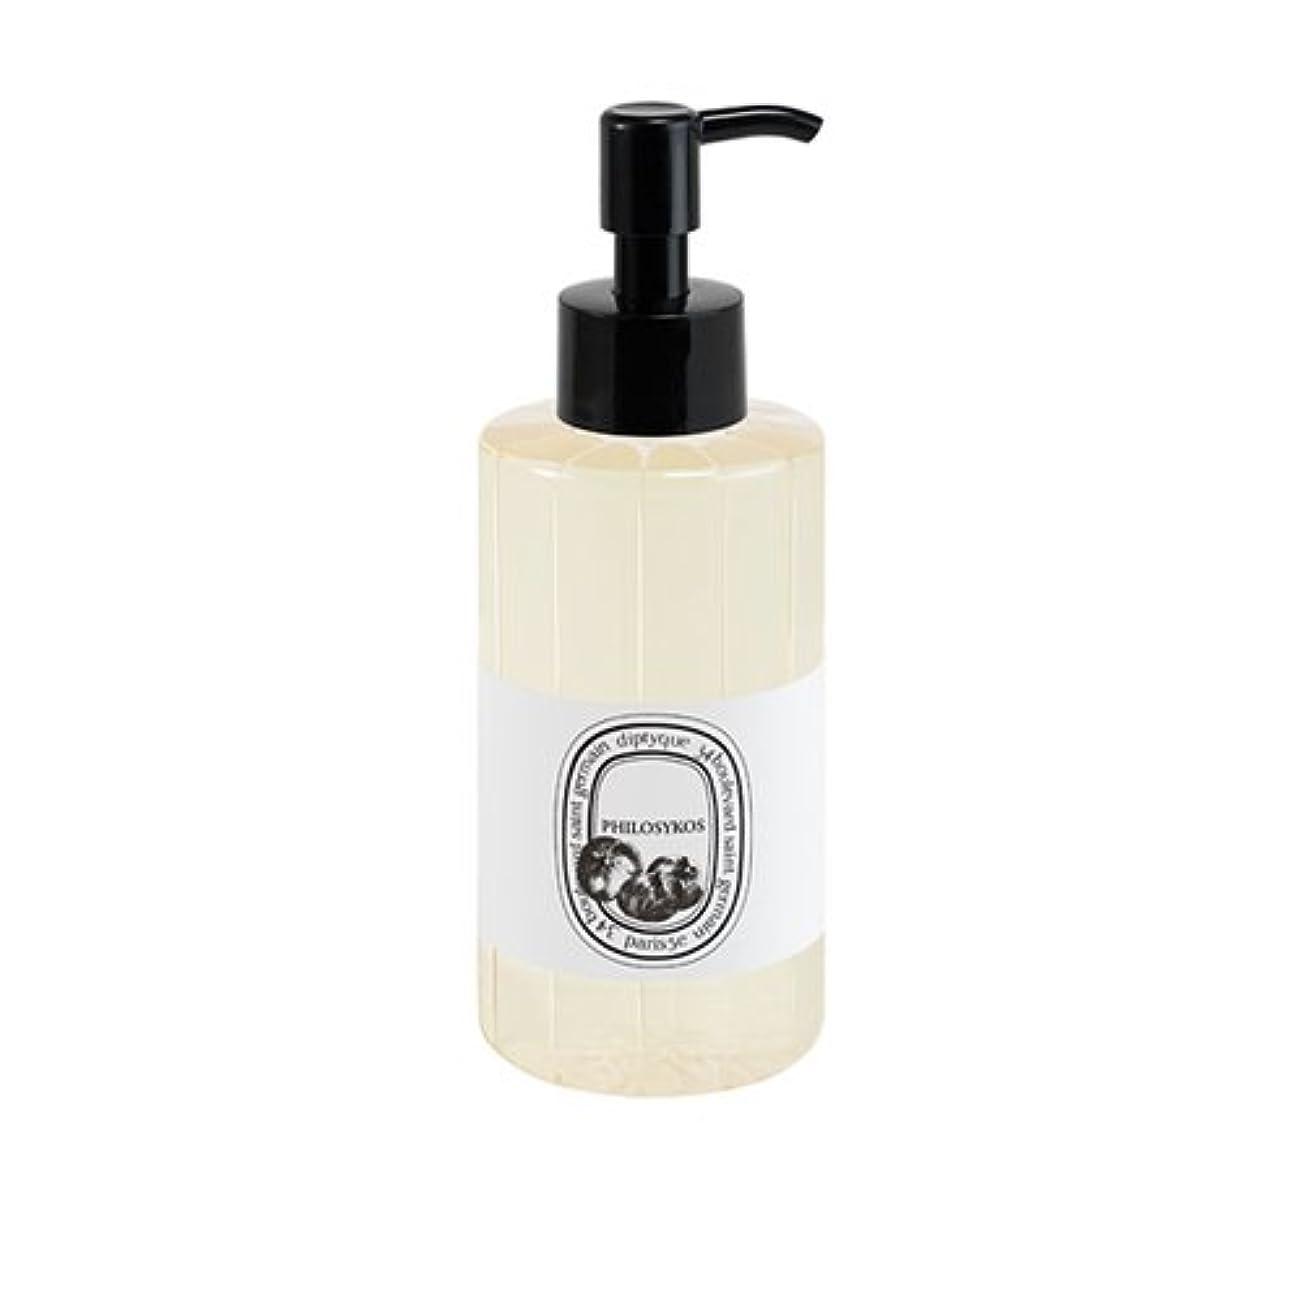 強化ブランク油ディプティック ハンド&ボディウォッシュジェル フィロシコス 200ml DIPTYQUE PHILOSYKOS CLEANSING HAND & BODY GEL [並行輸入品]